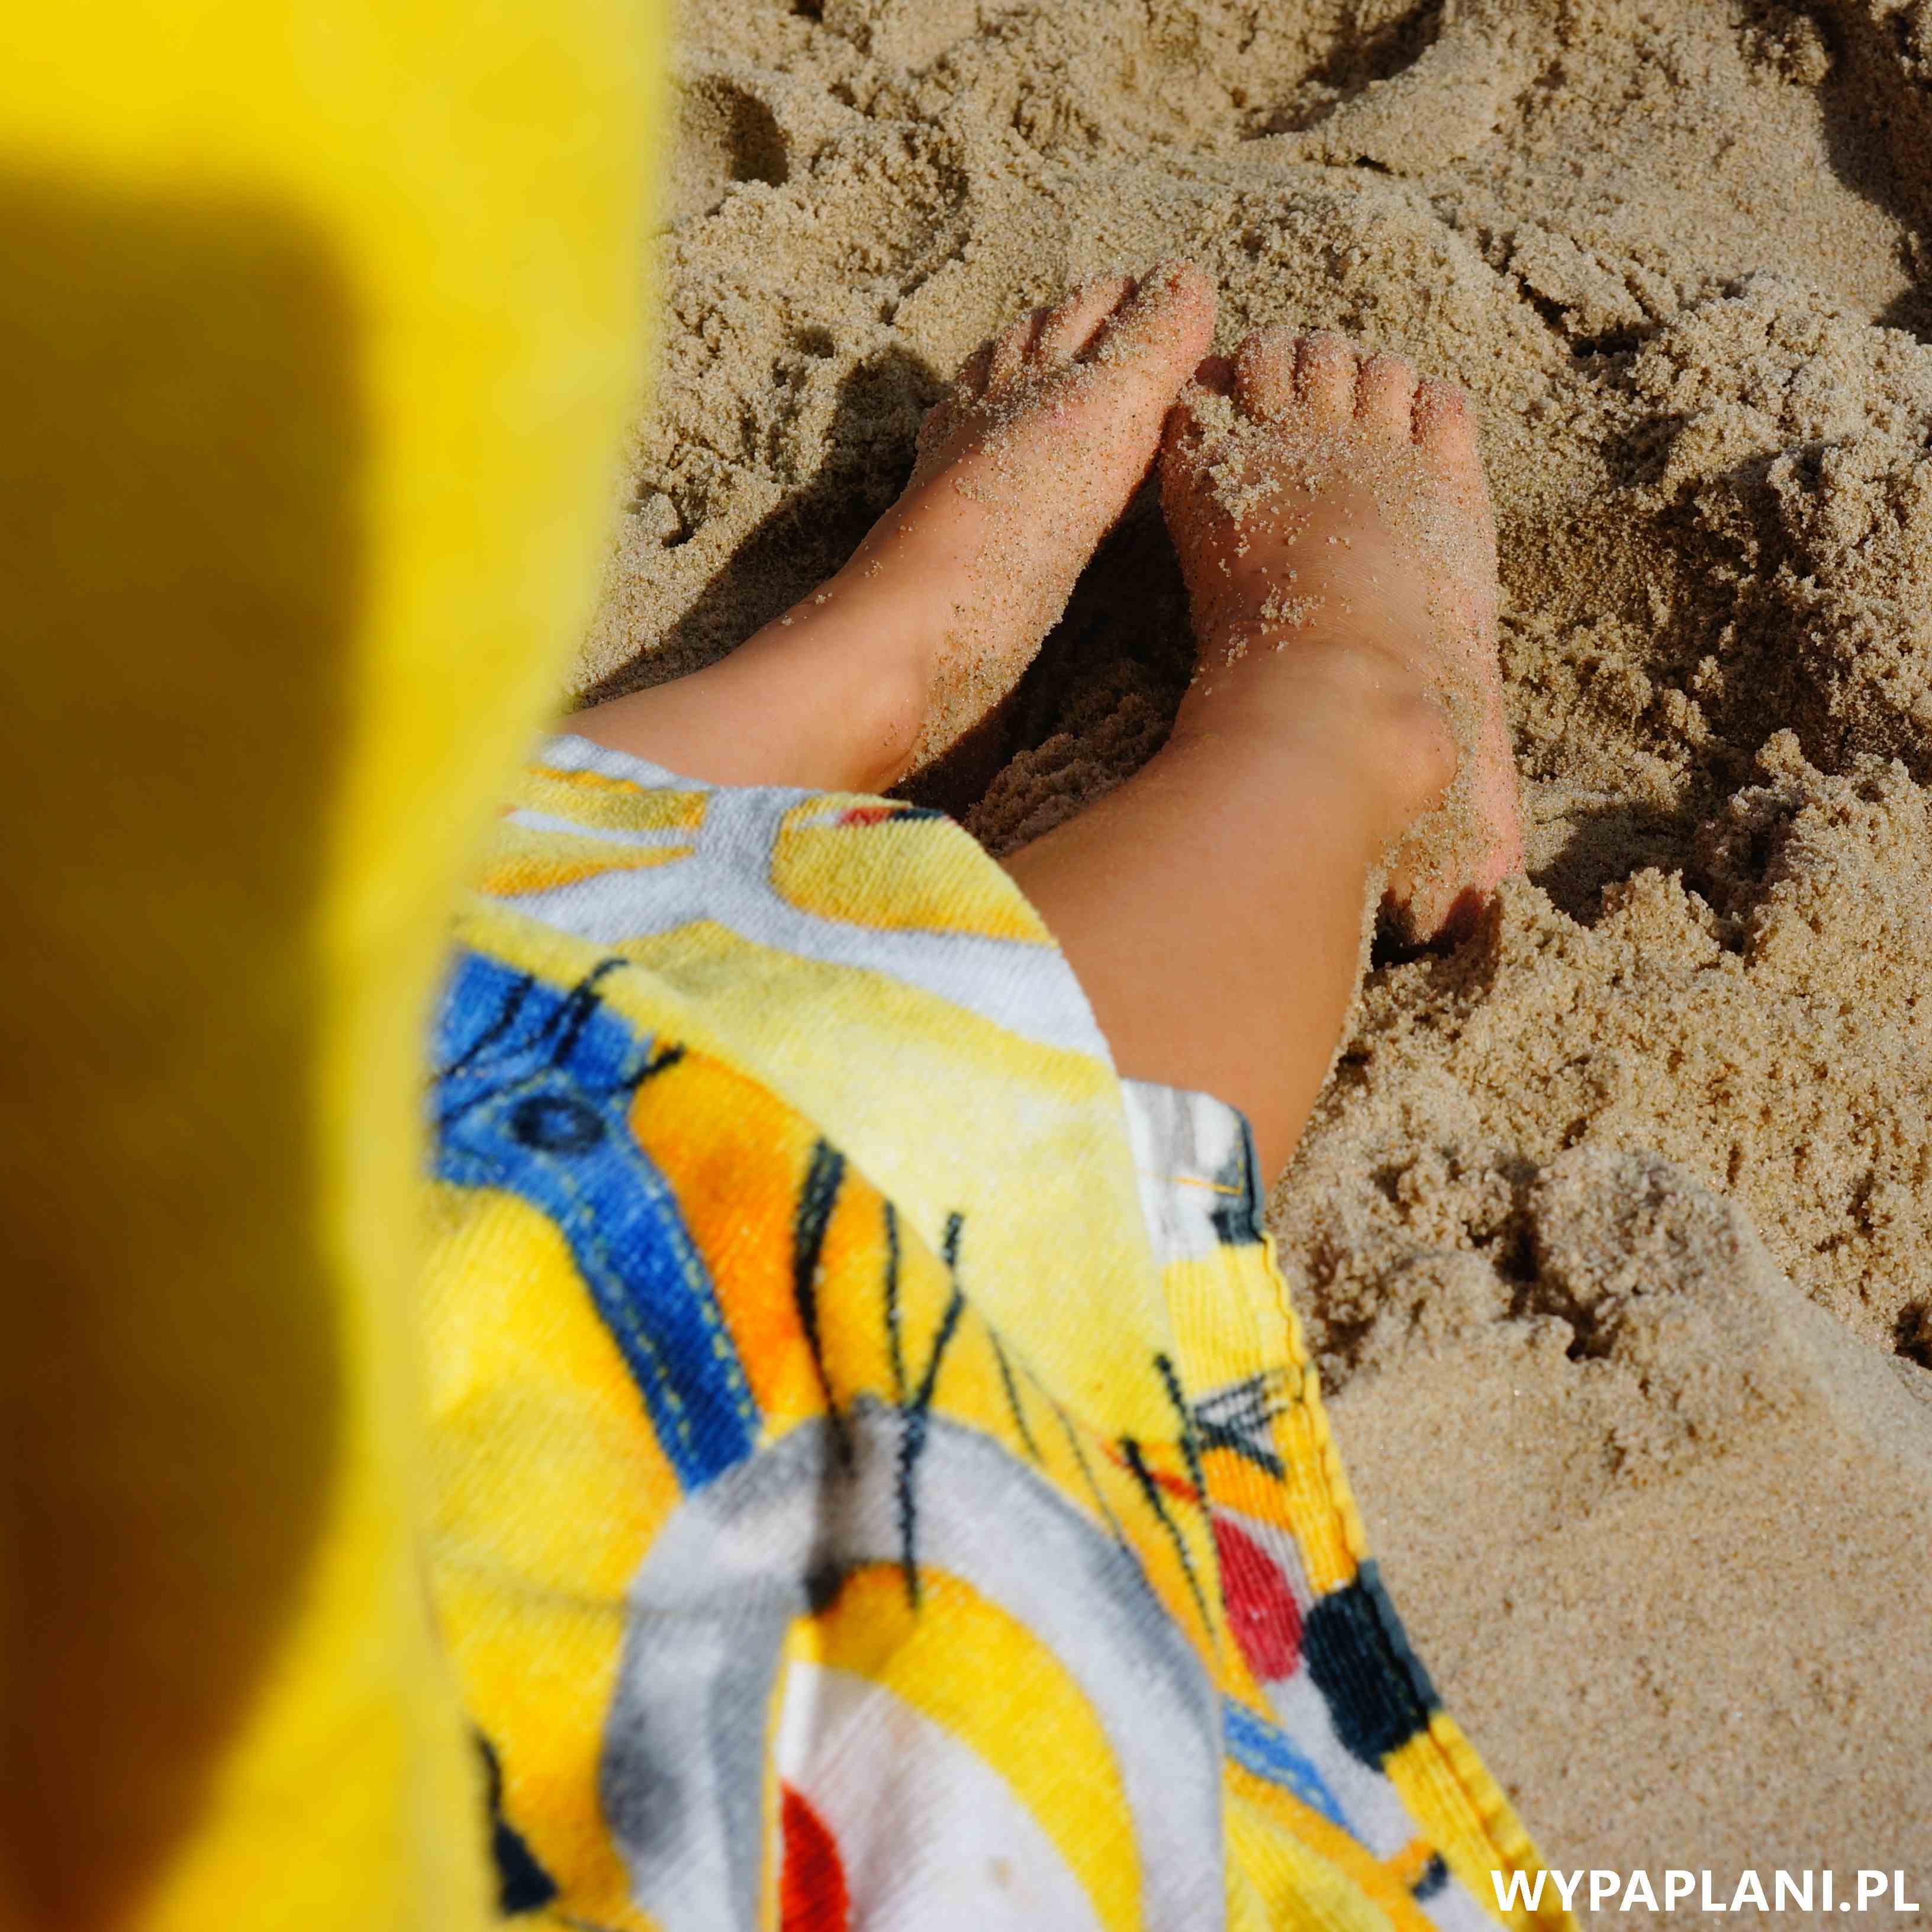 003_top zabawki do piasku piaskownicy na plażę